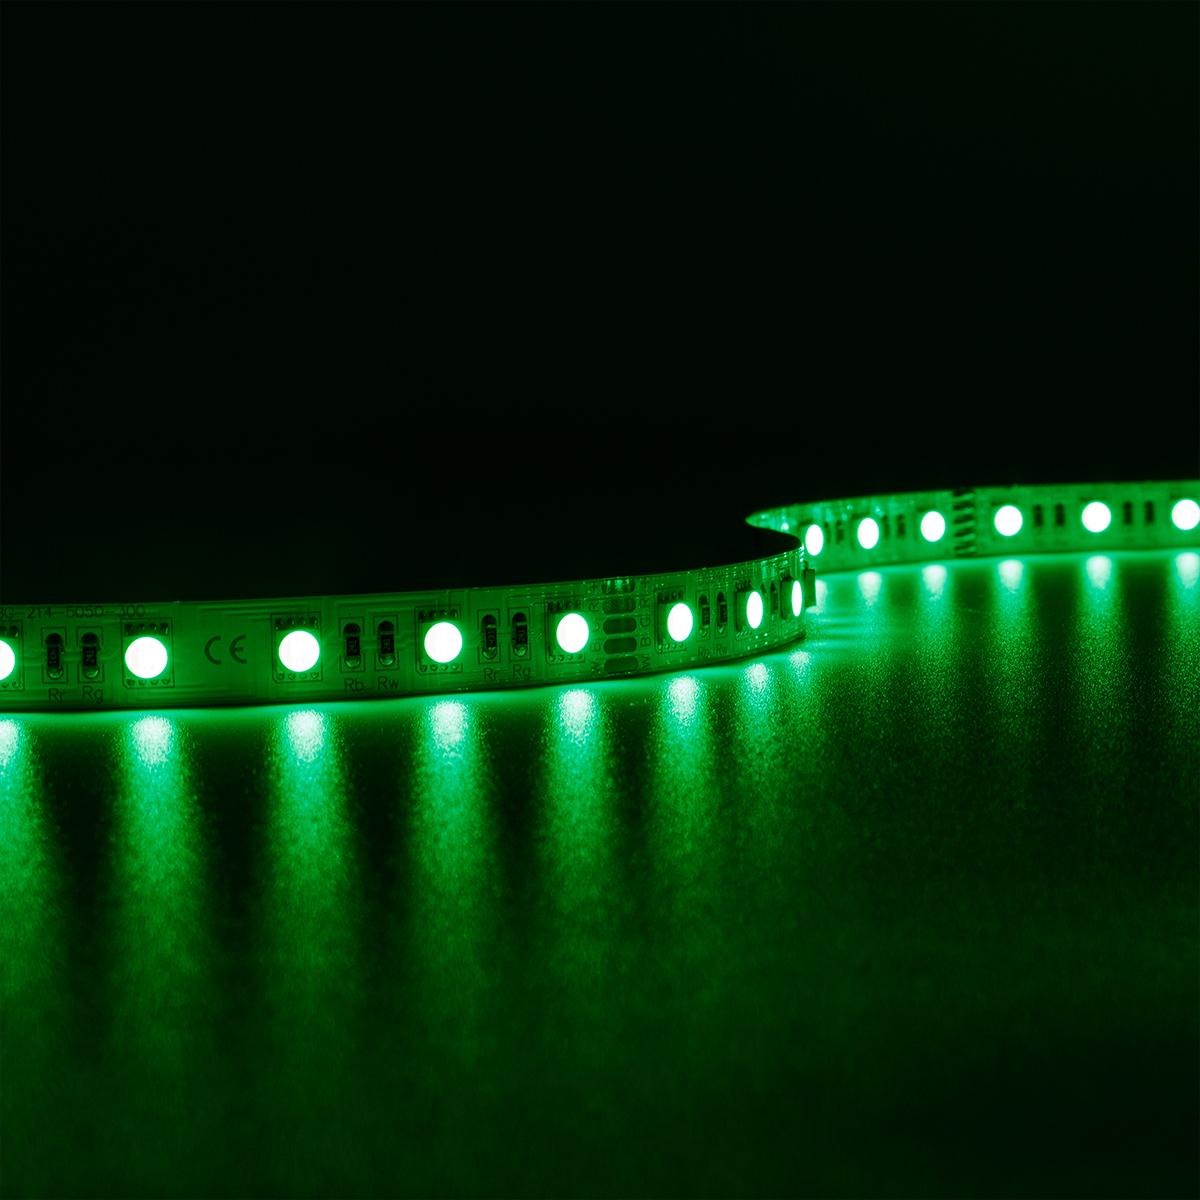 Strip RGBW 24V LED Streifen 5M 15W/m 60LED/m 12mm IP20 Farbwechsel RGB+4000K